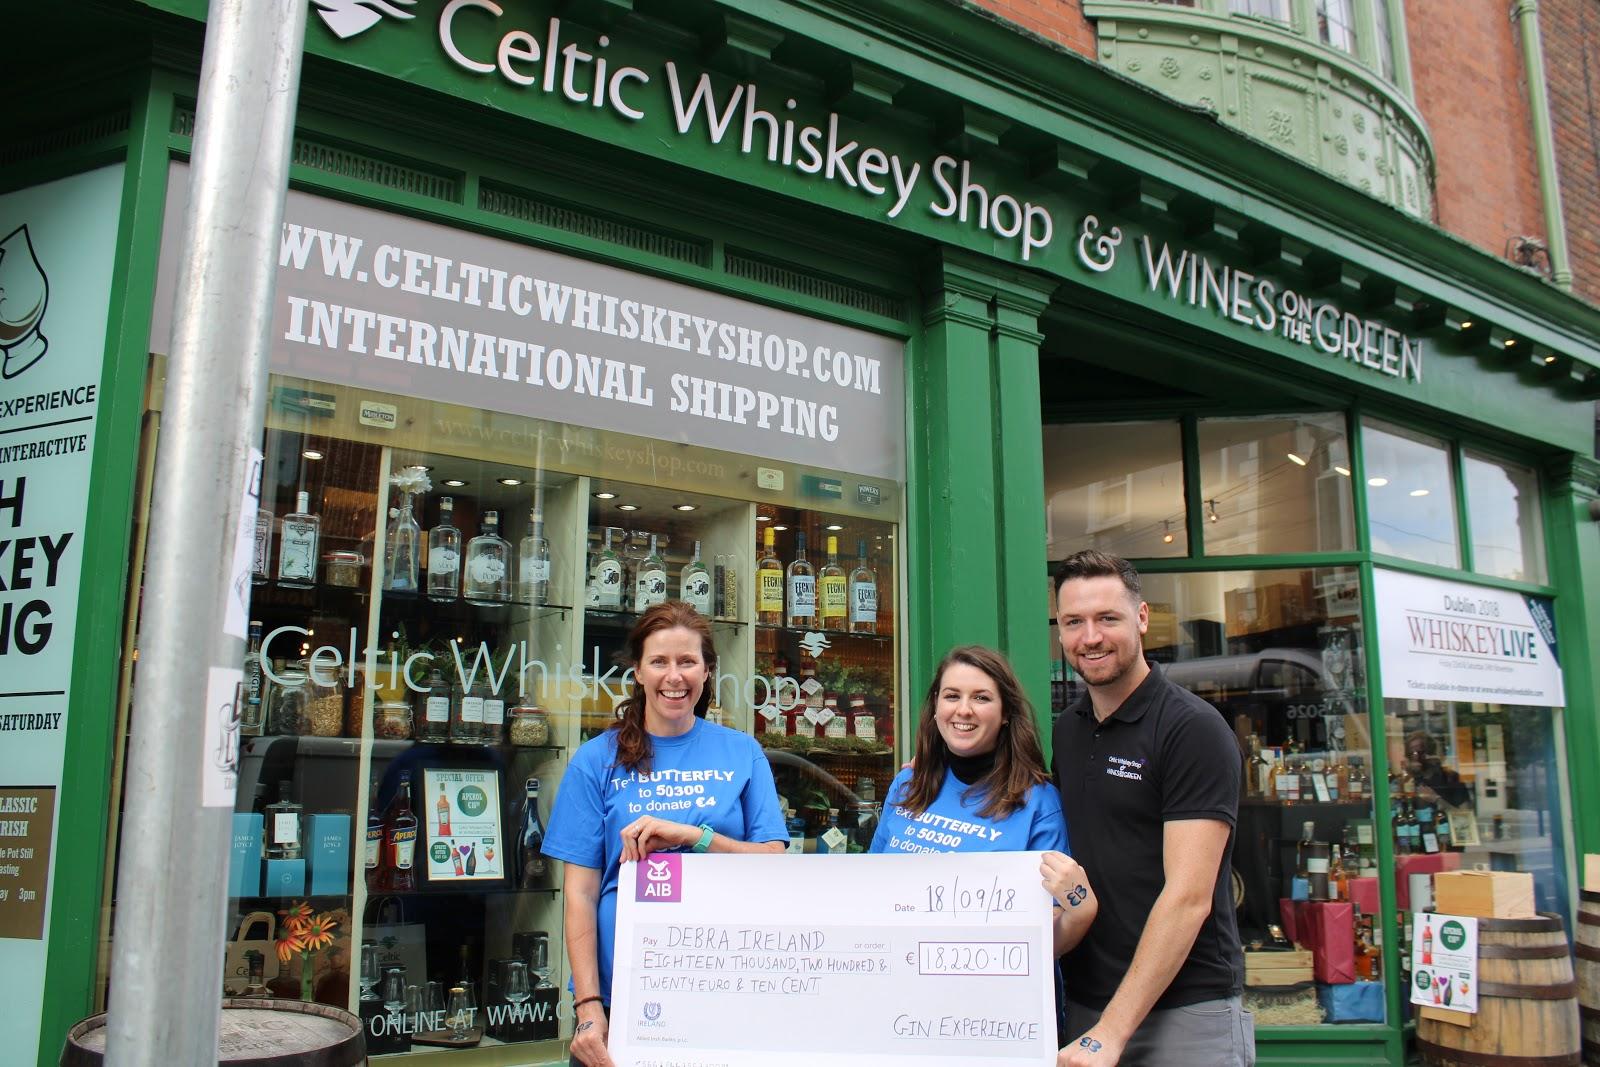 Celtic-Whiskey-image-1